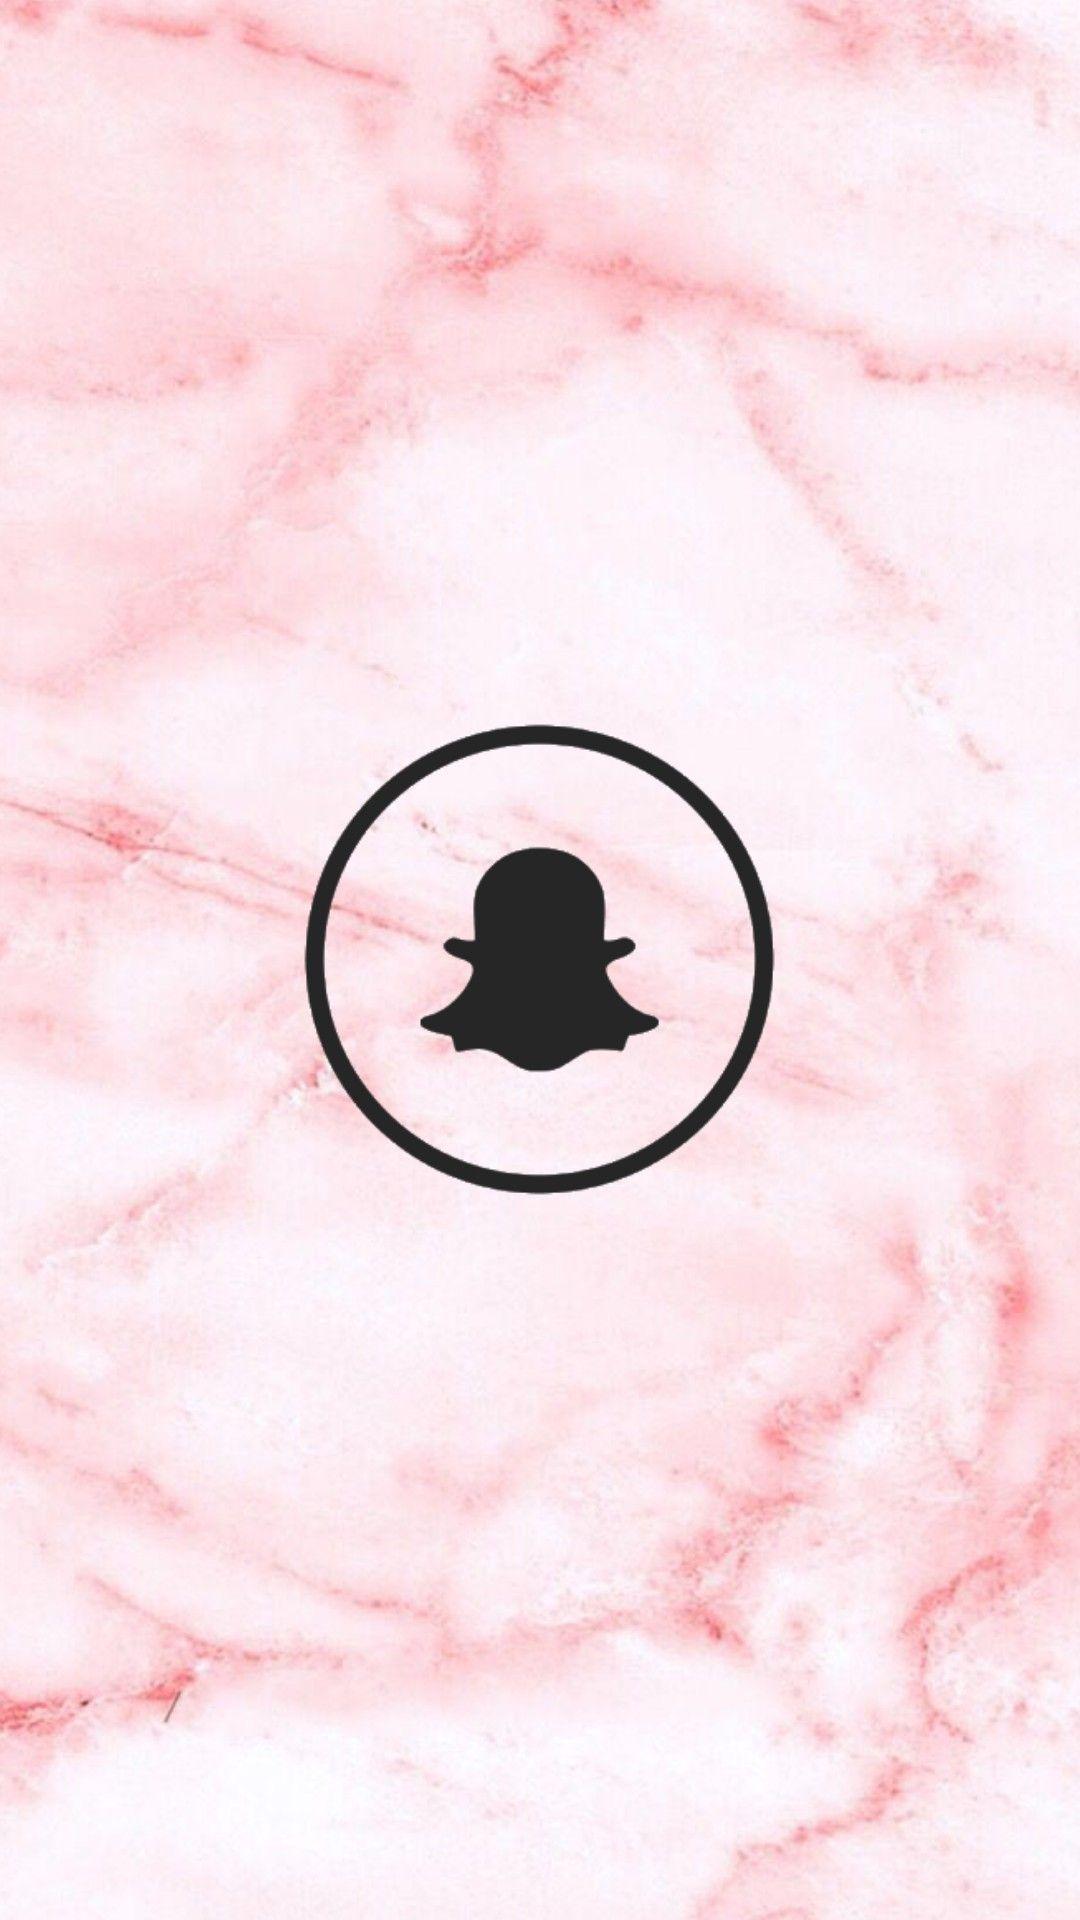 Fondos De Instagram, Icono De Instagram, Historia De